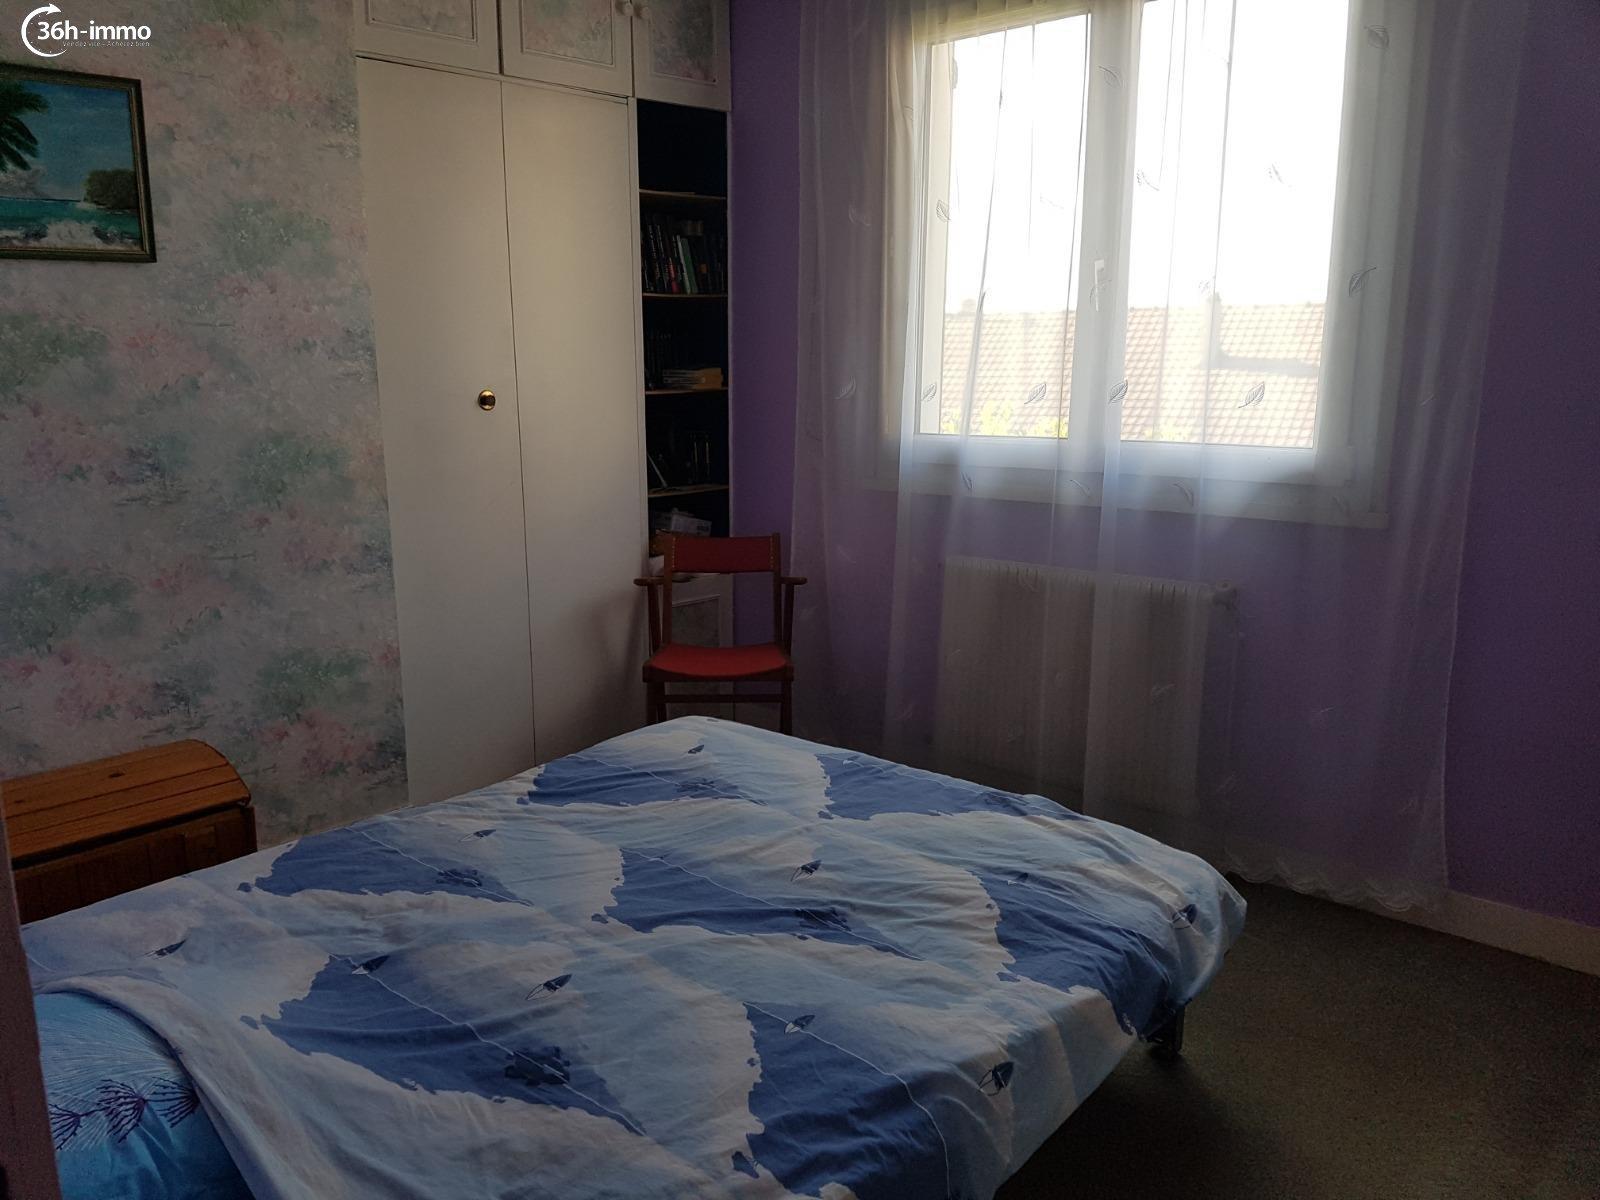 Maison Chartrettes 77590 Seine-et-Marne 84 m<sup>2</sup> 4 pi&eagrave;ces 235000 euros